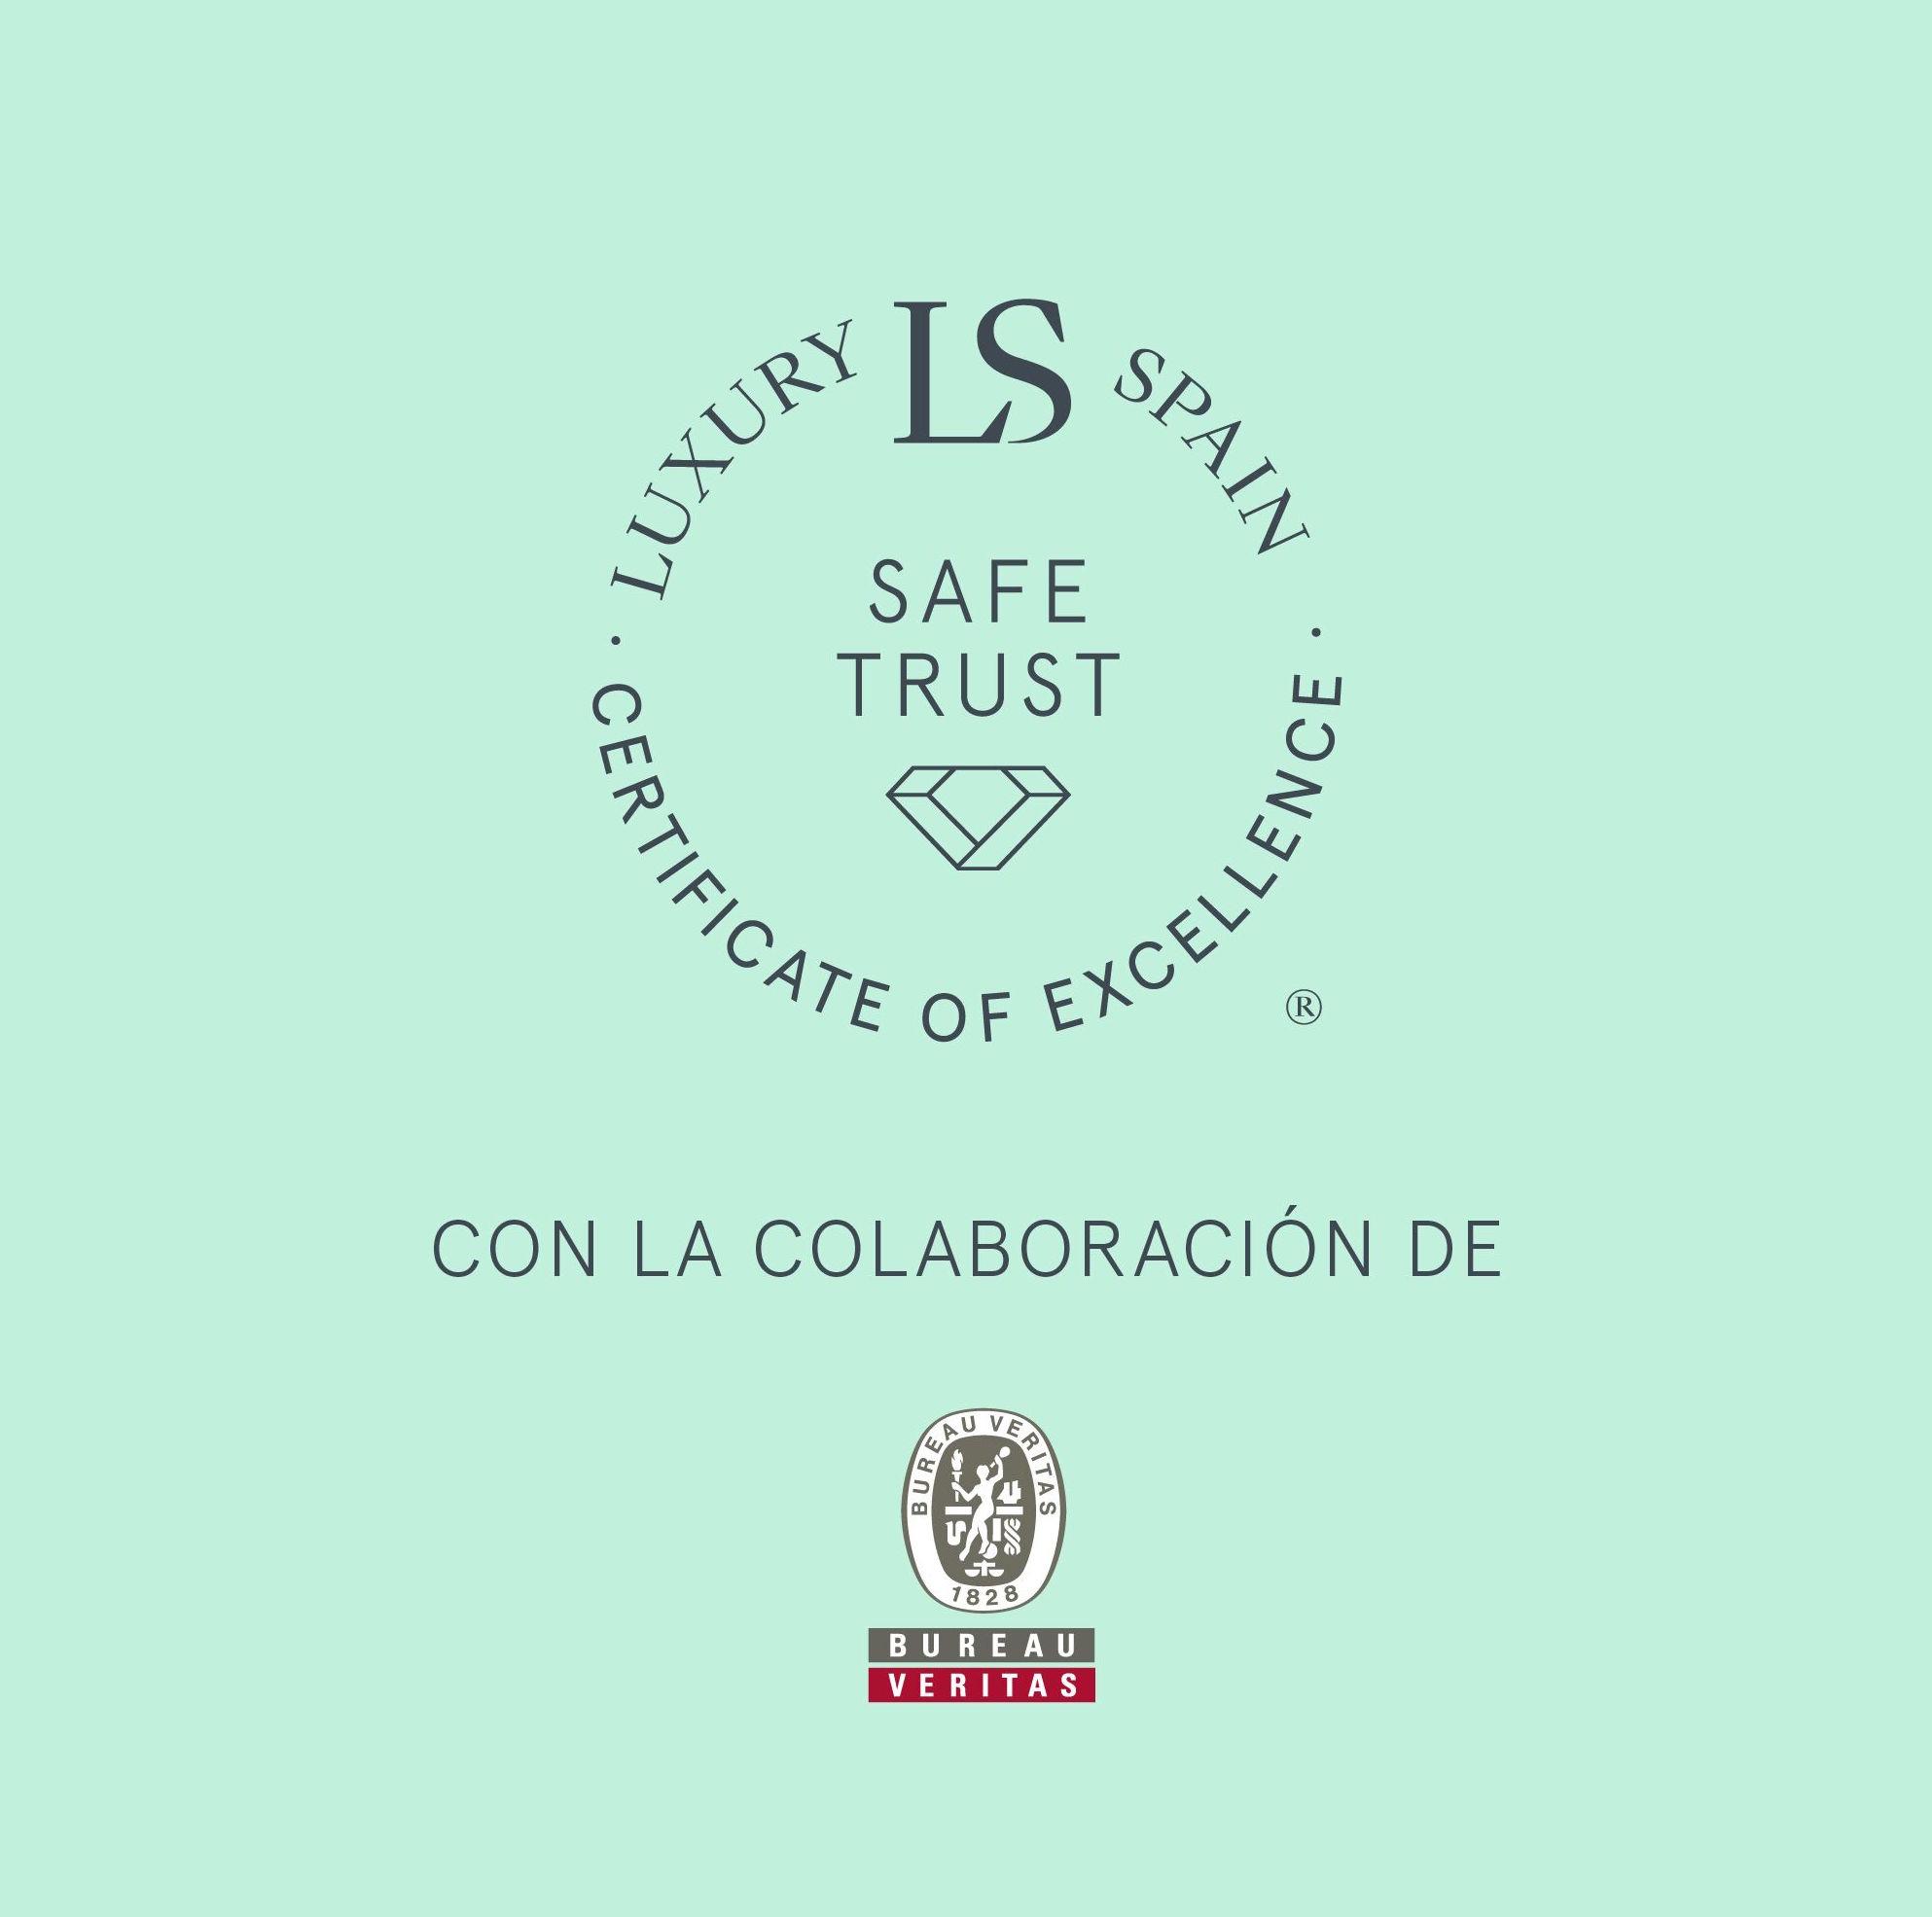 La Asociación Española del Lujo – Luxury Spain, lanza el sello de calidad Luxury Spain SAFE&TRUST